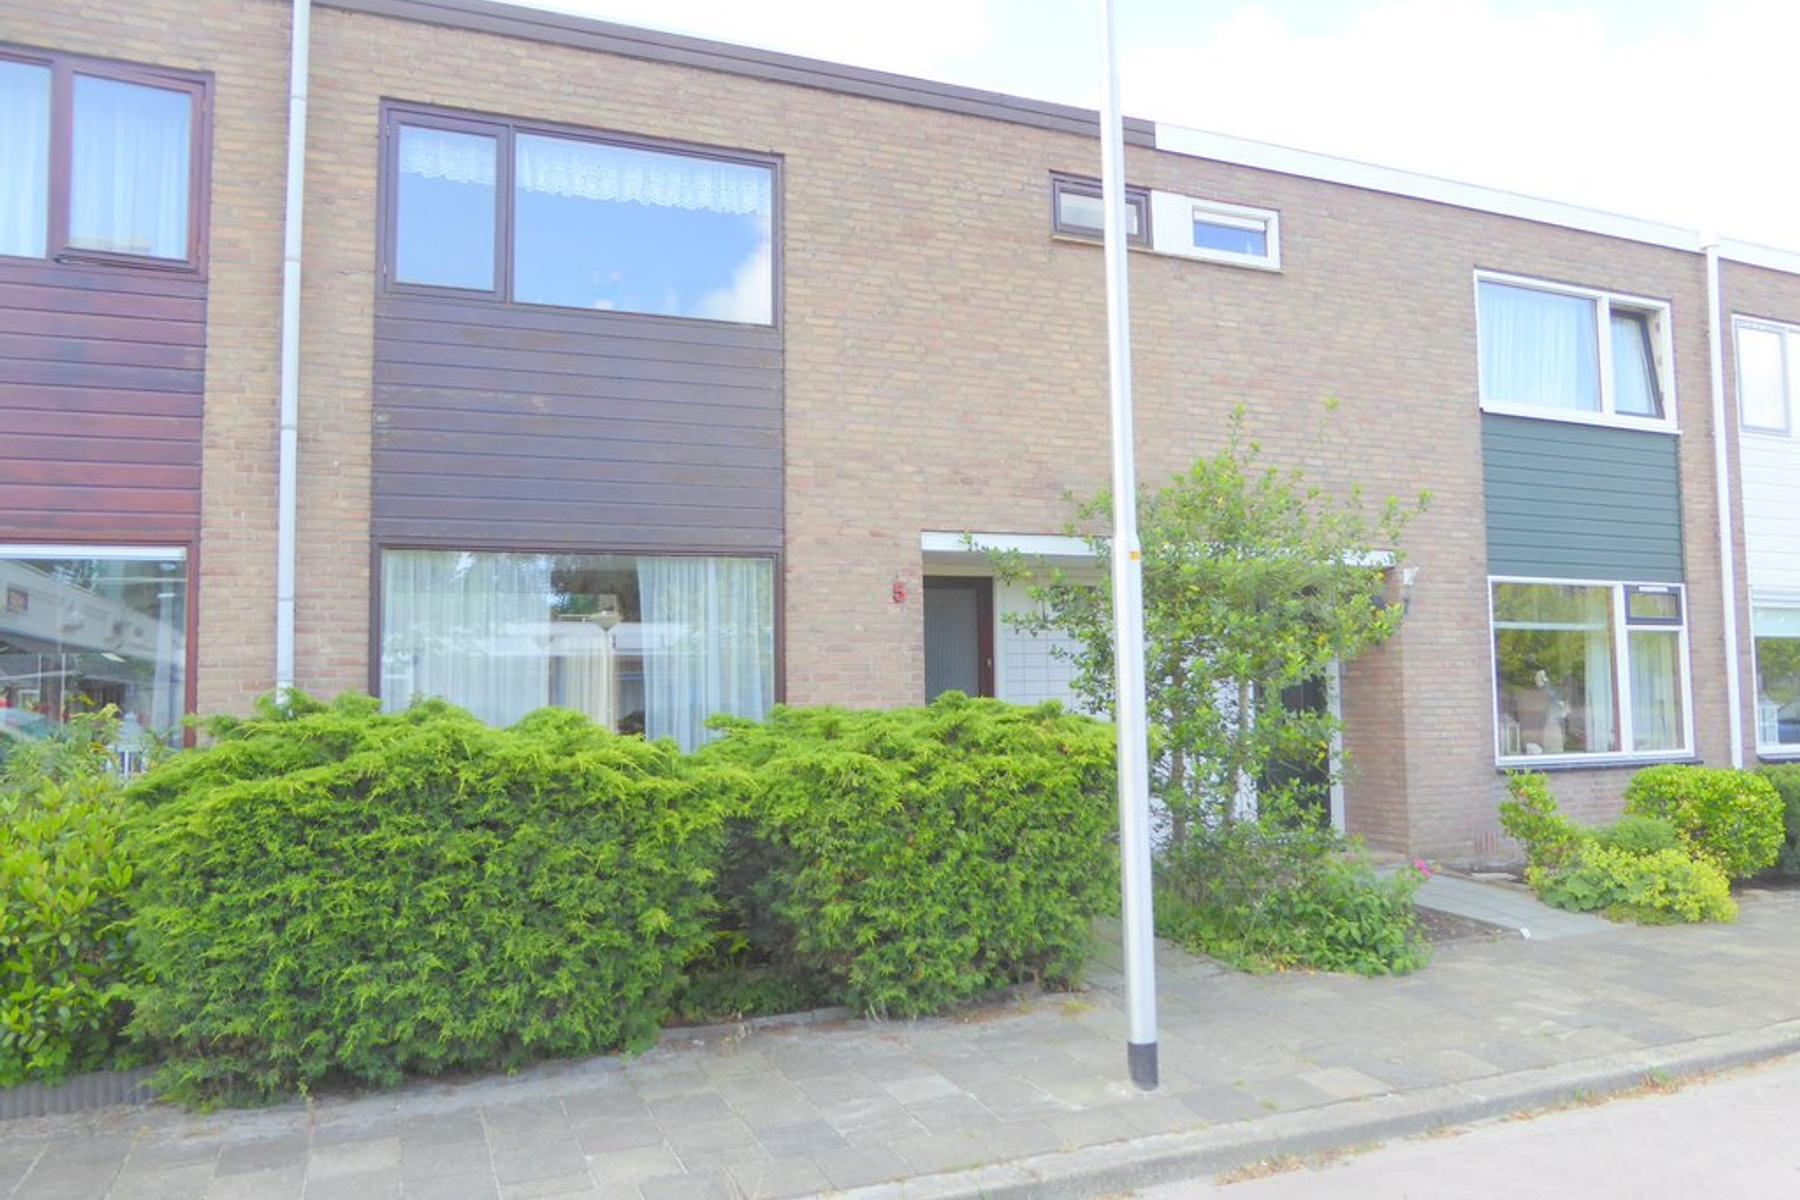 Marowijnestraat 5 in Leeuwarden 8931 BT